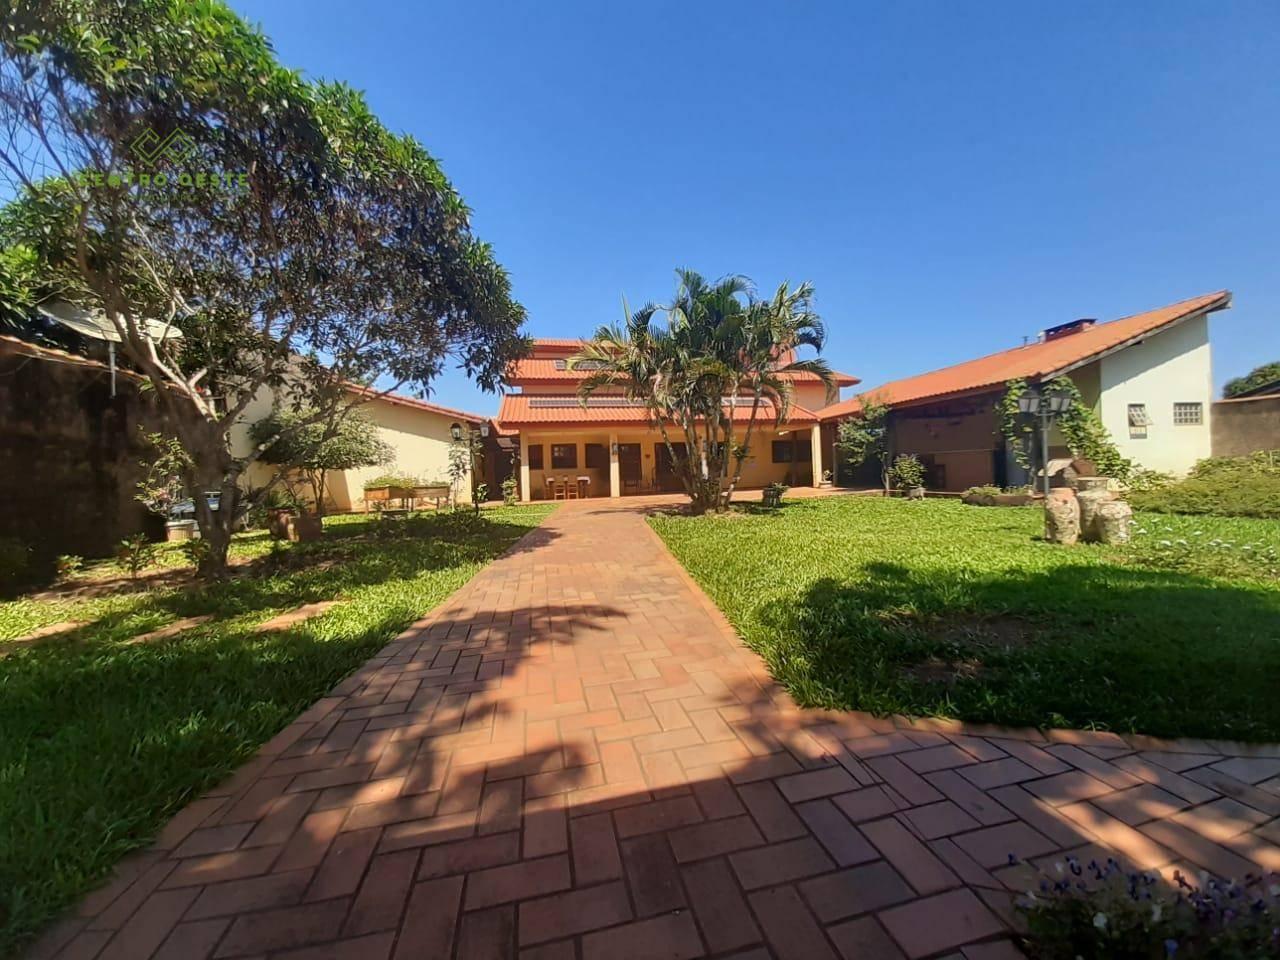 Casa com 5 dormitórios à venda, 330 m² por R$ 700.000 - Centro - Sonora/MS